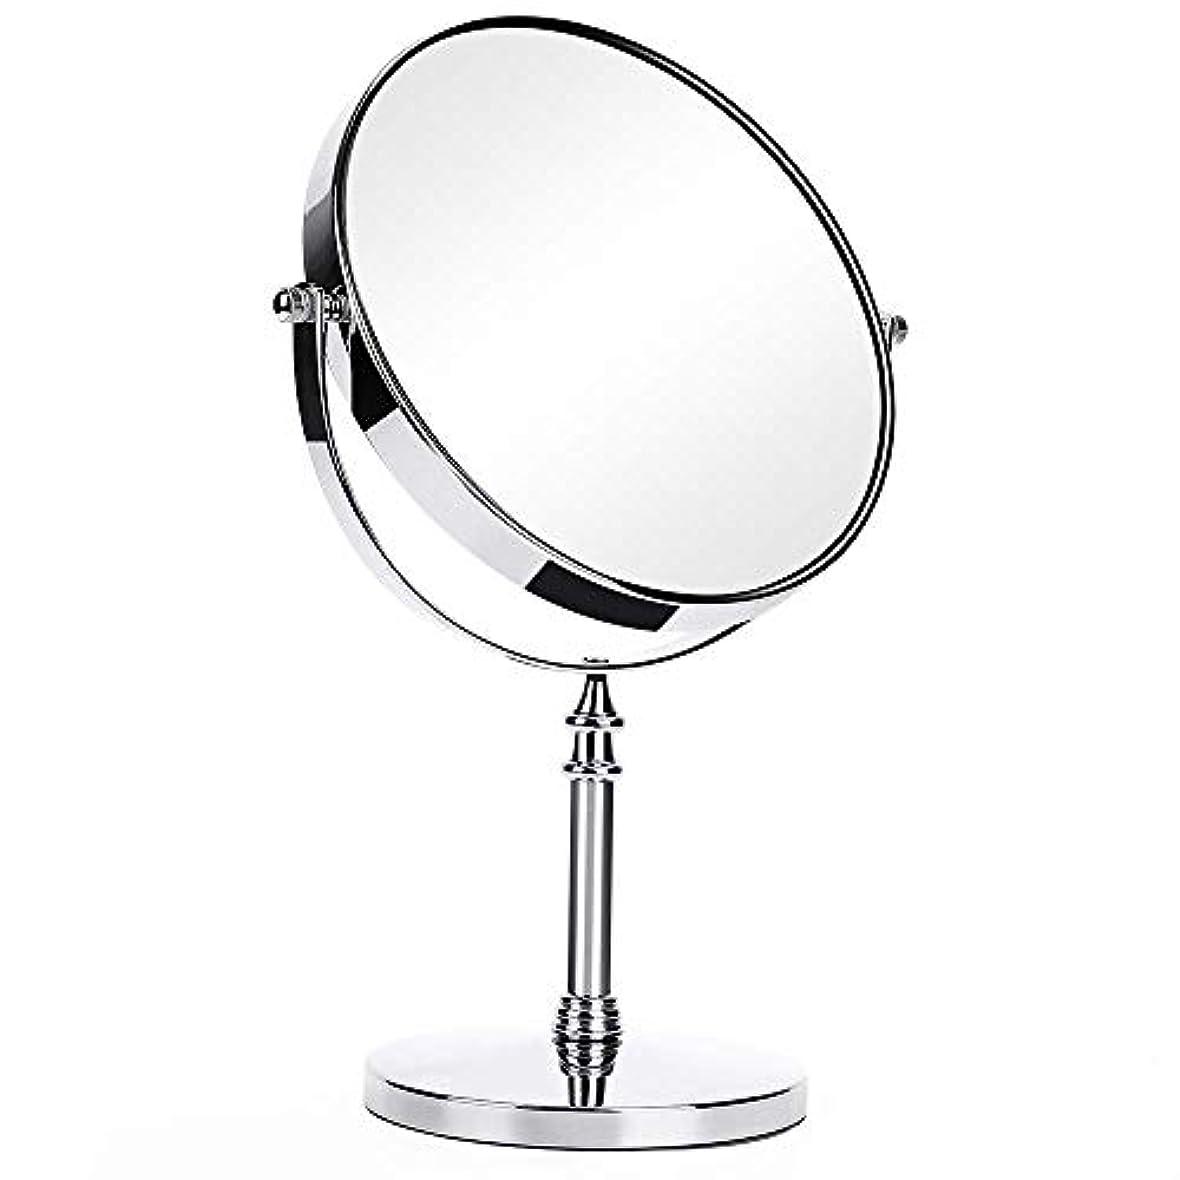 ルール普通に意志に反する7インチ両面1X / 2X化粧鏡360度回転拡大鏡トラベルミラーベース取り外し可能